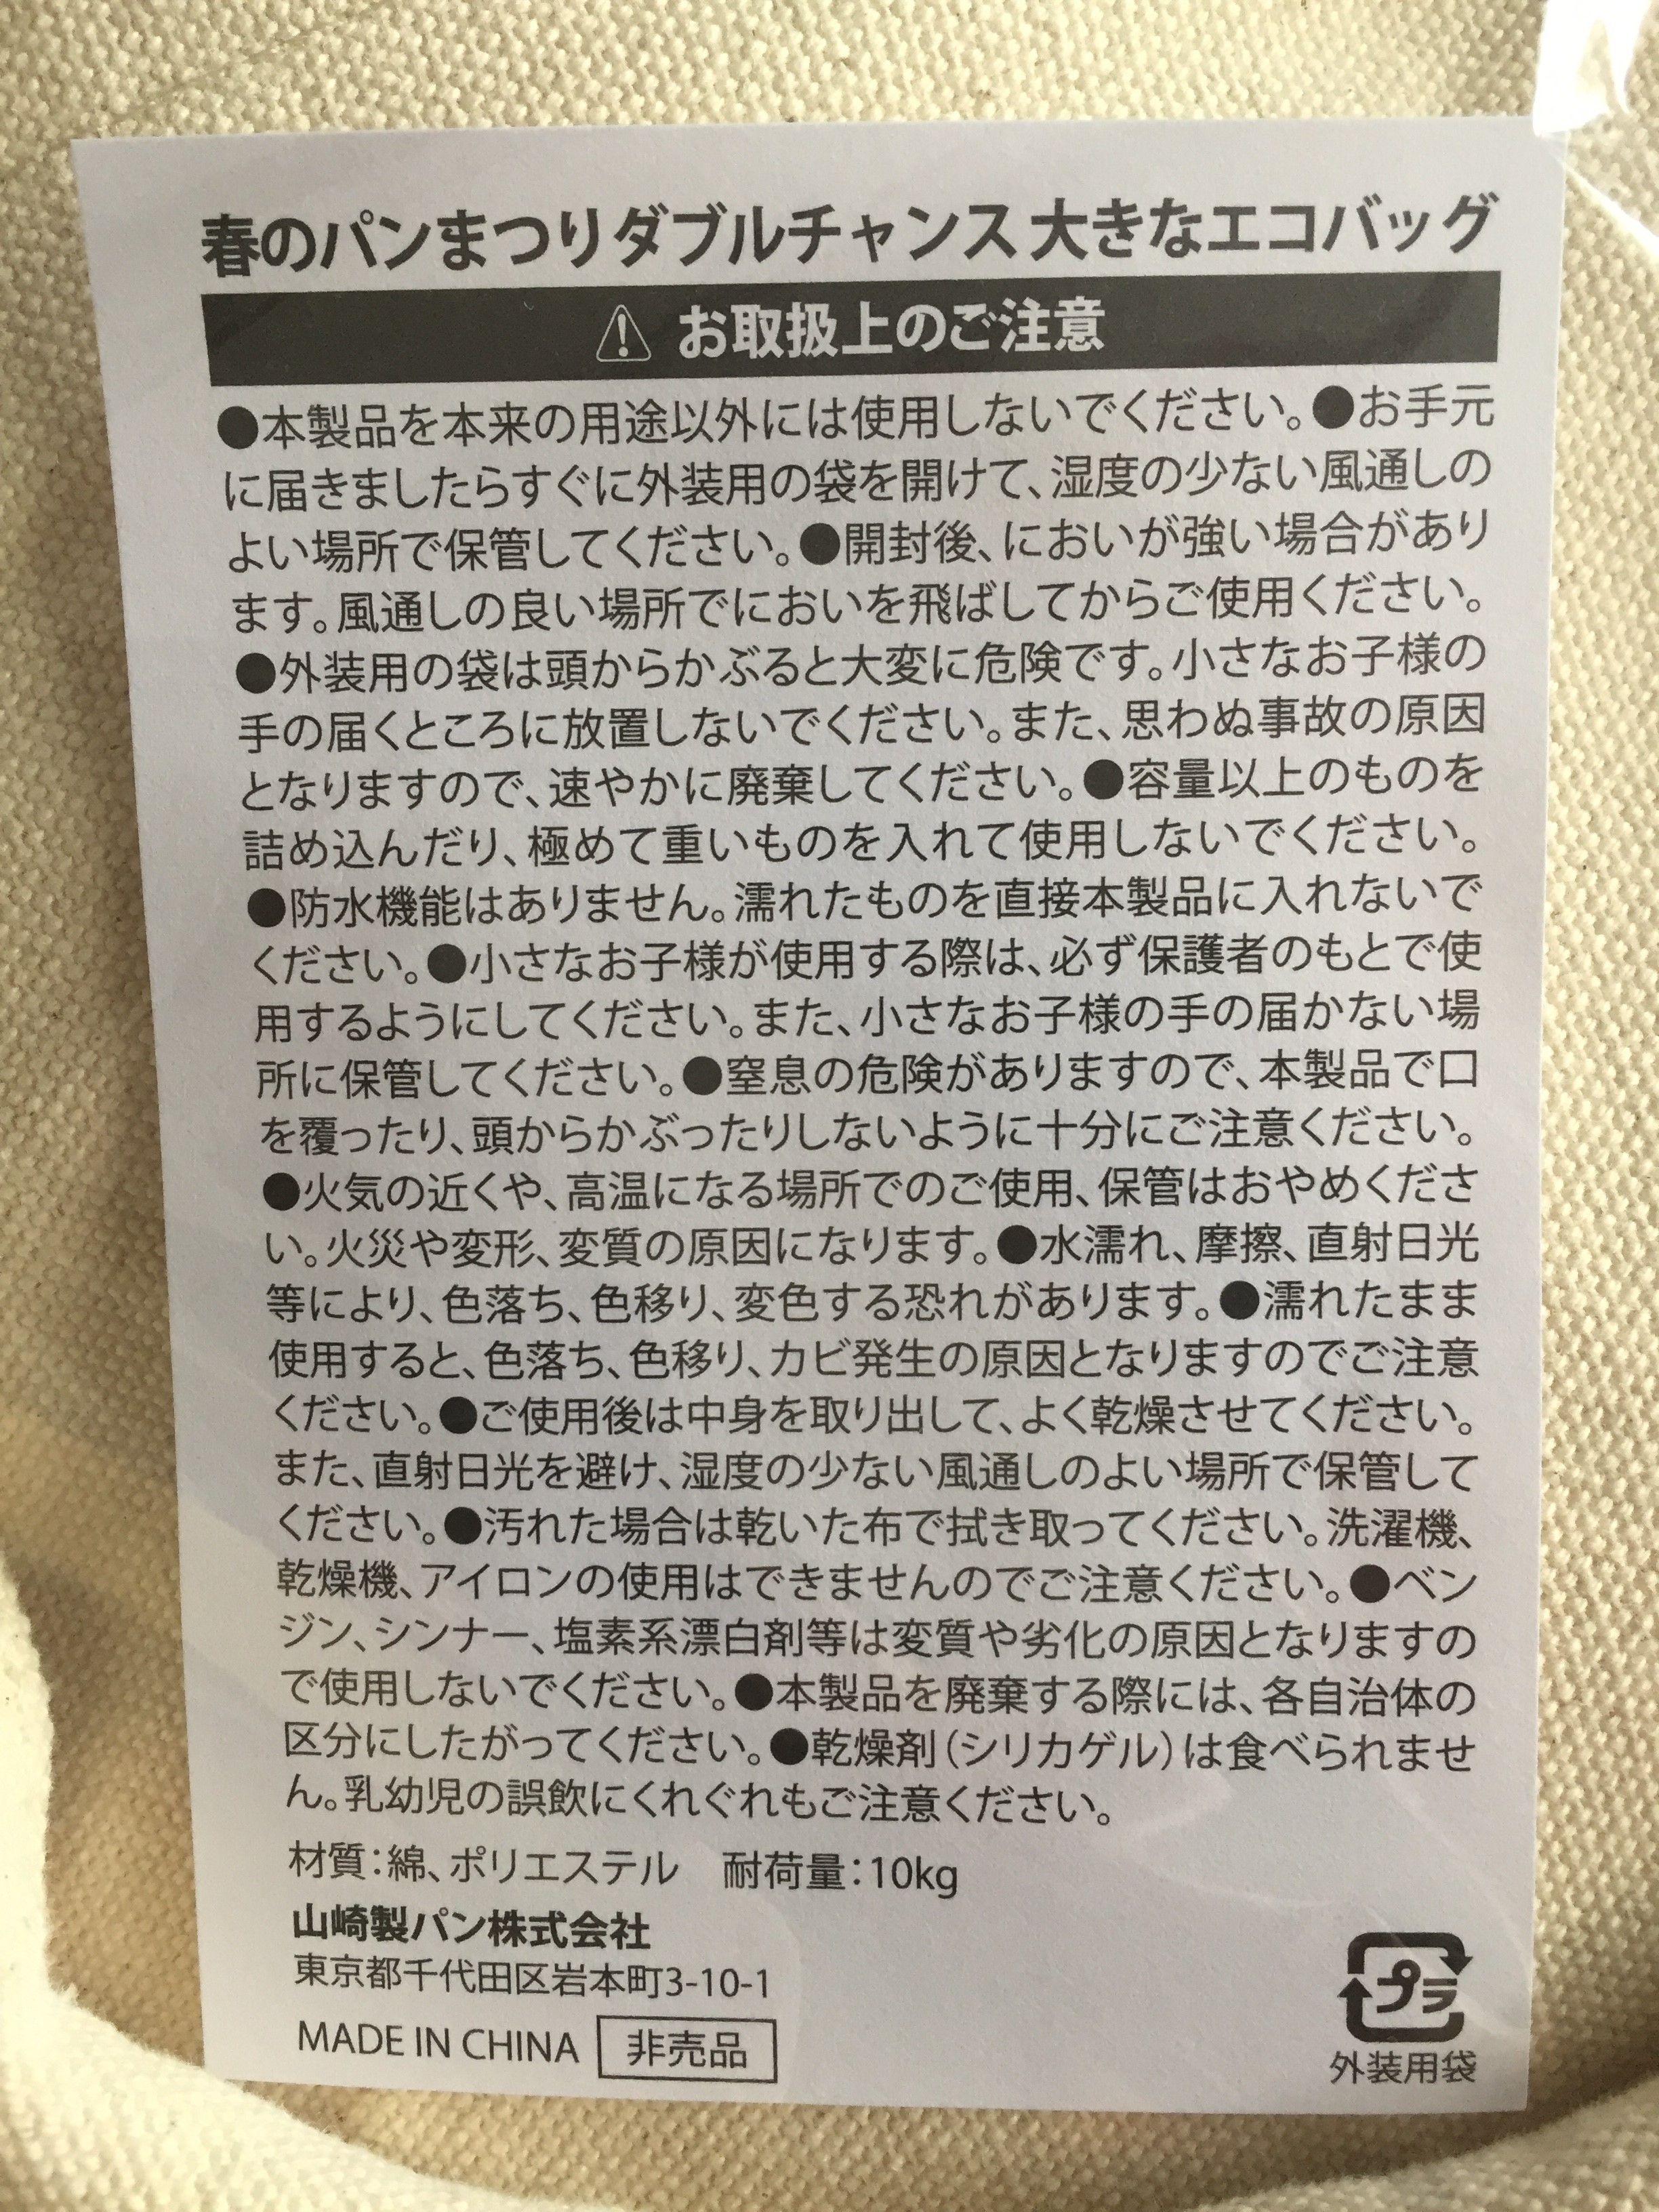 ヤマザキ 春の パン まつり ダブル チャンス 当選